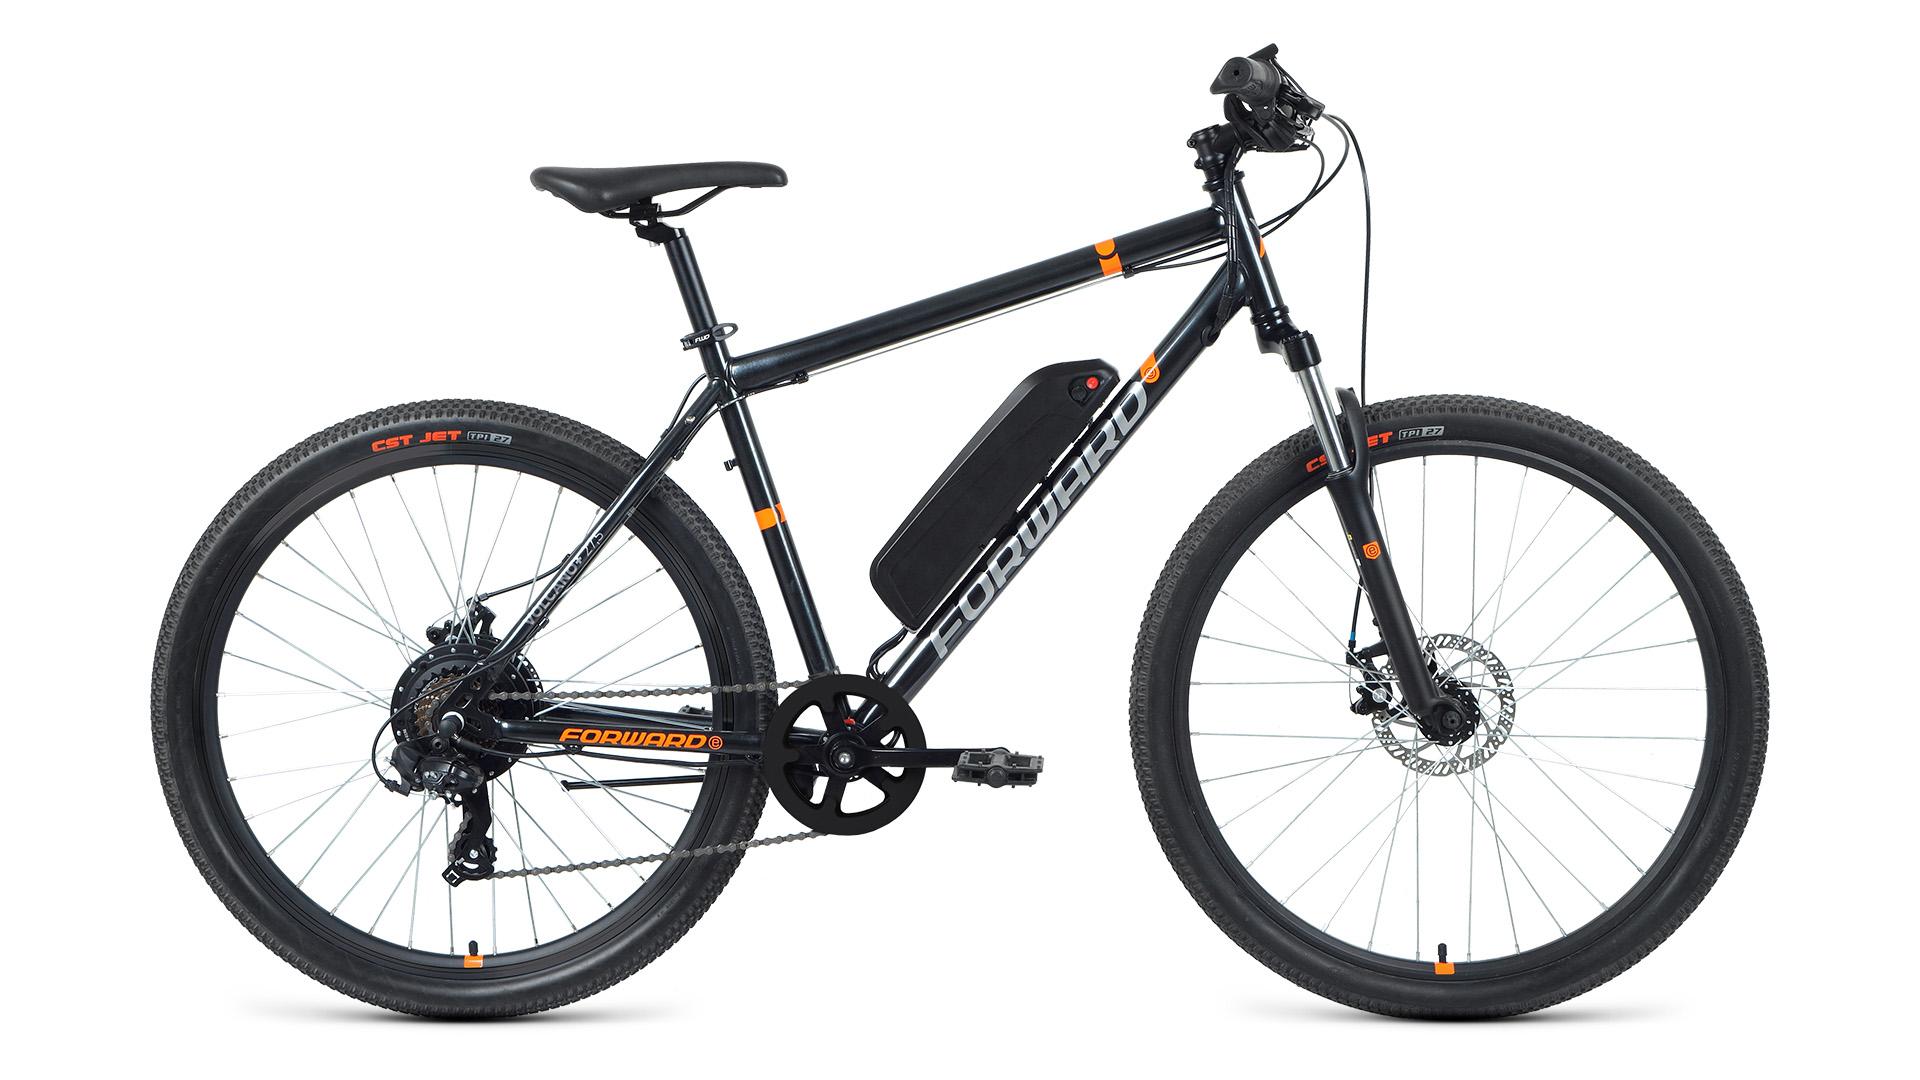 Электровелосипед Forward Volcano Plus 27.5 2.0 disc 500w (2021)